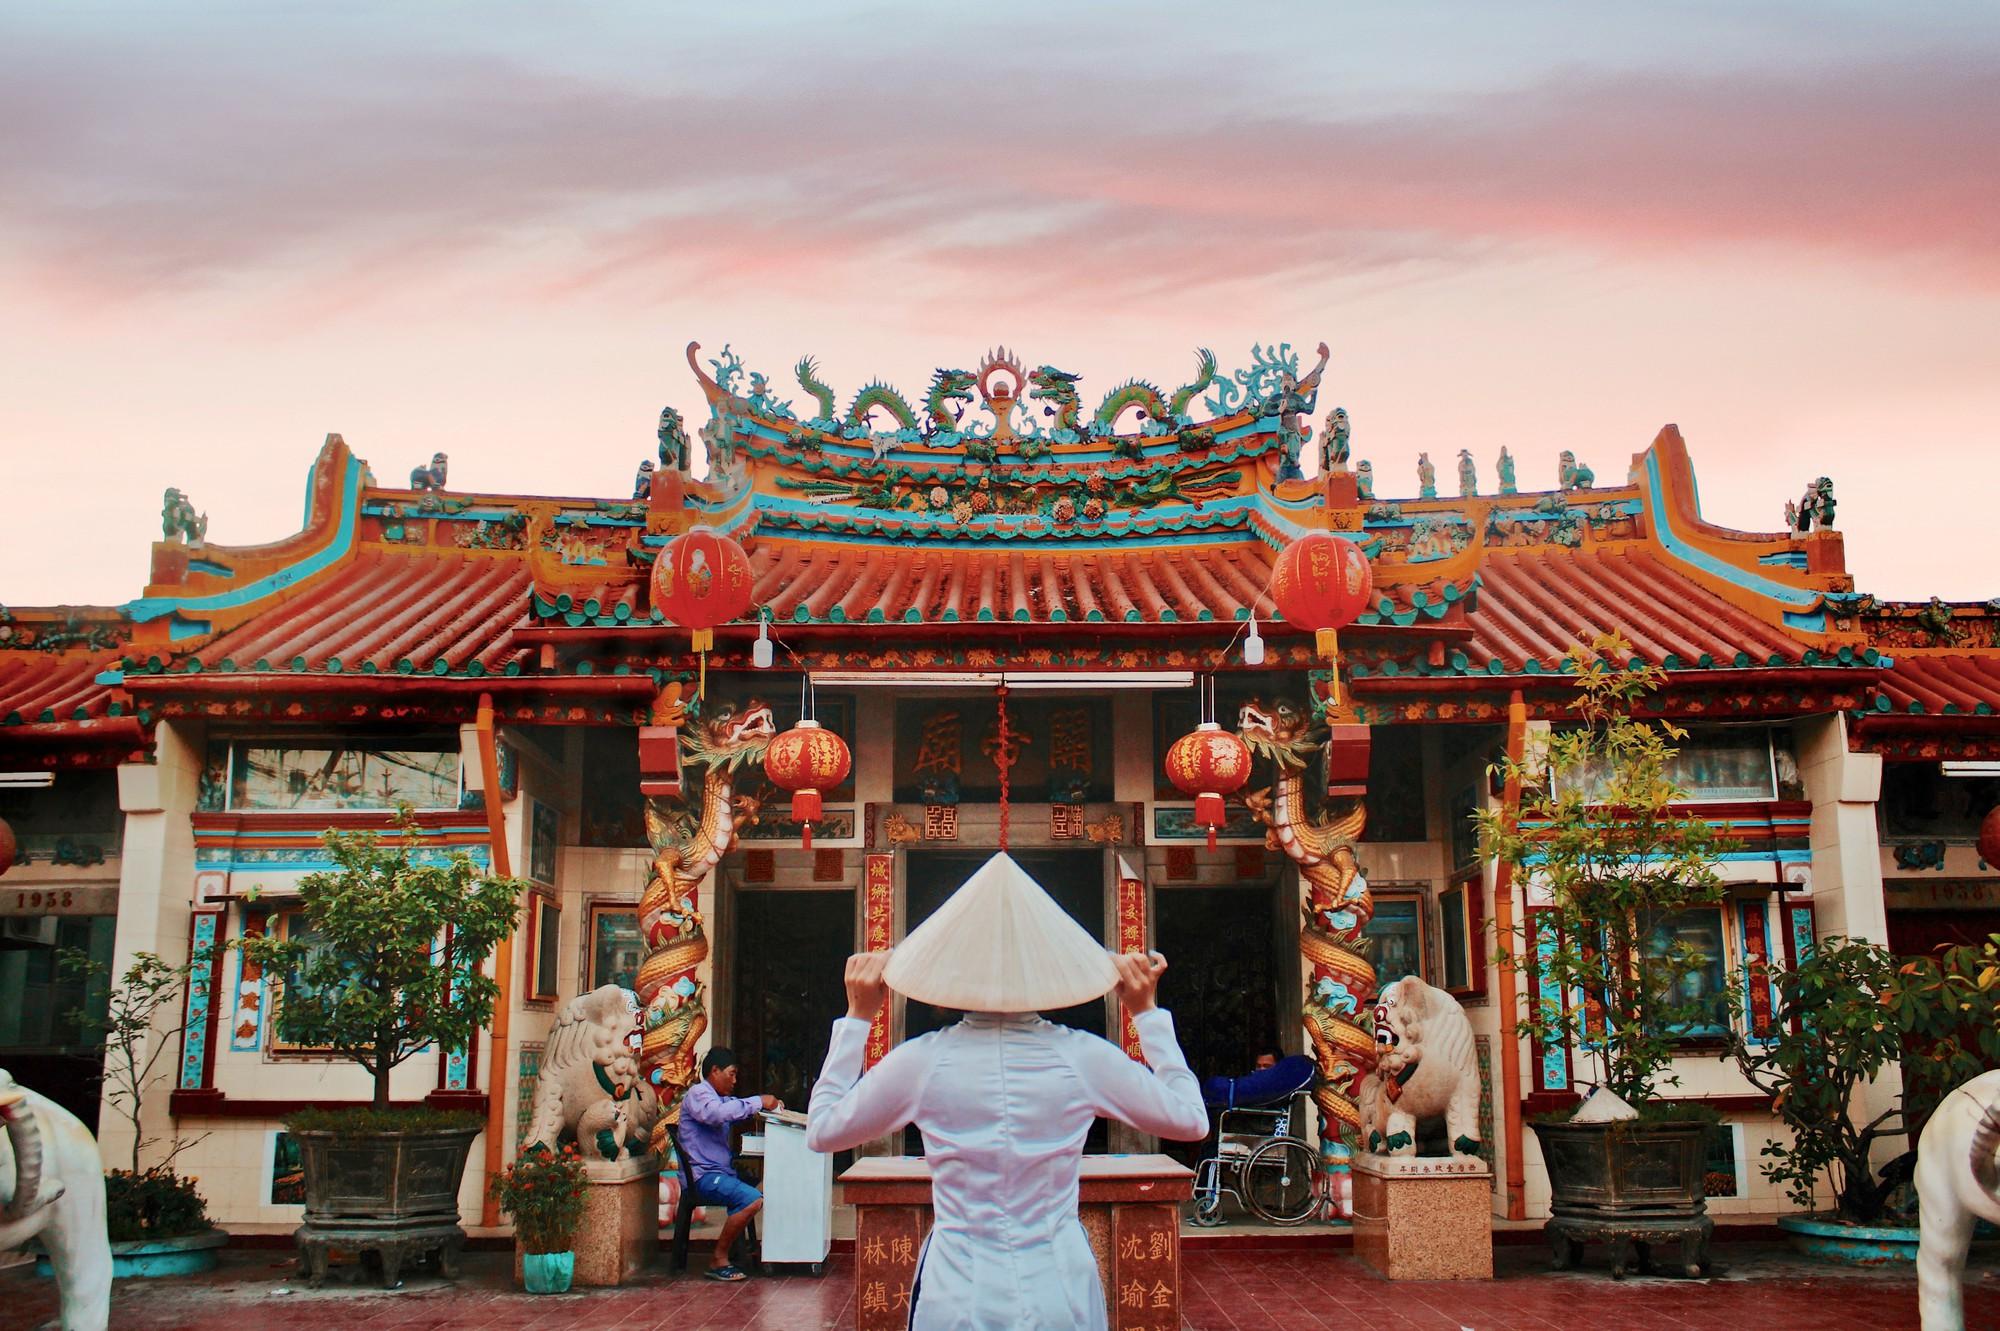 Nếu đến Bạc Liêu mà không ghé qua chùa Ông để check-in thì đúng là phí mất nửa chuyến đi rồi đó!